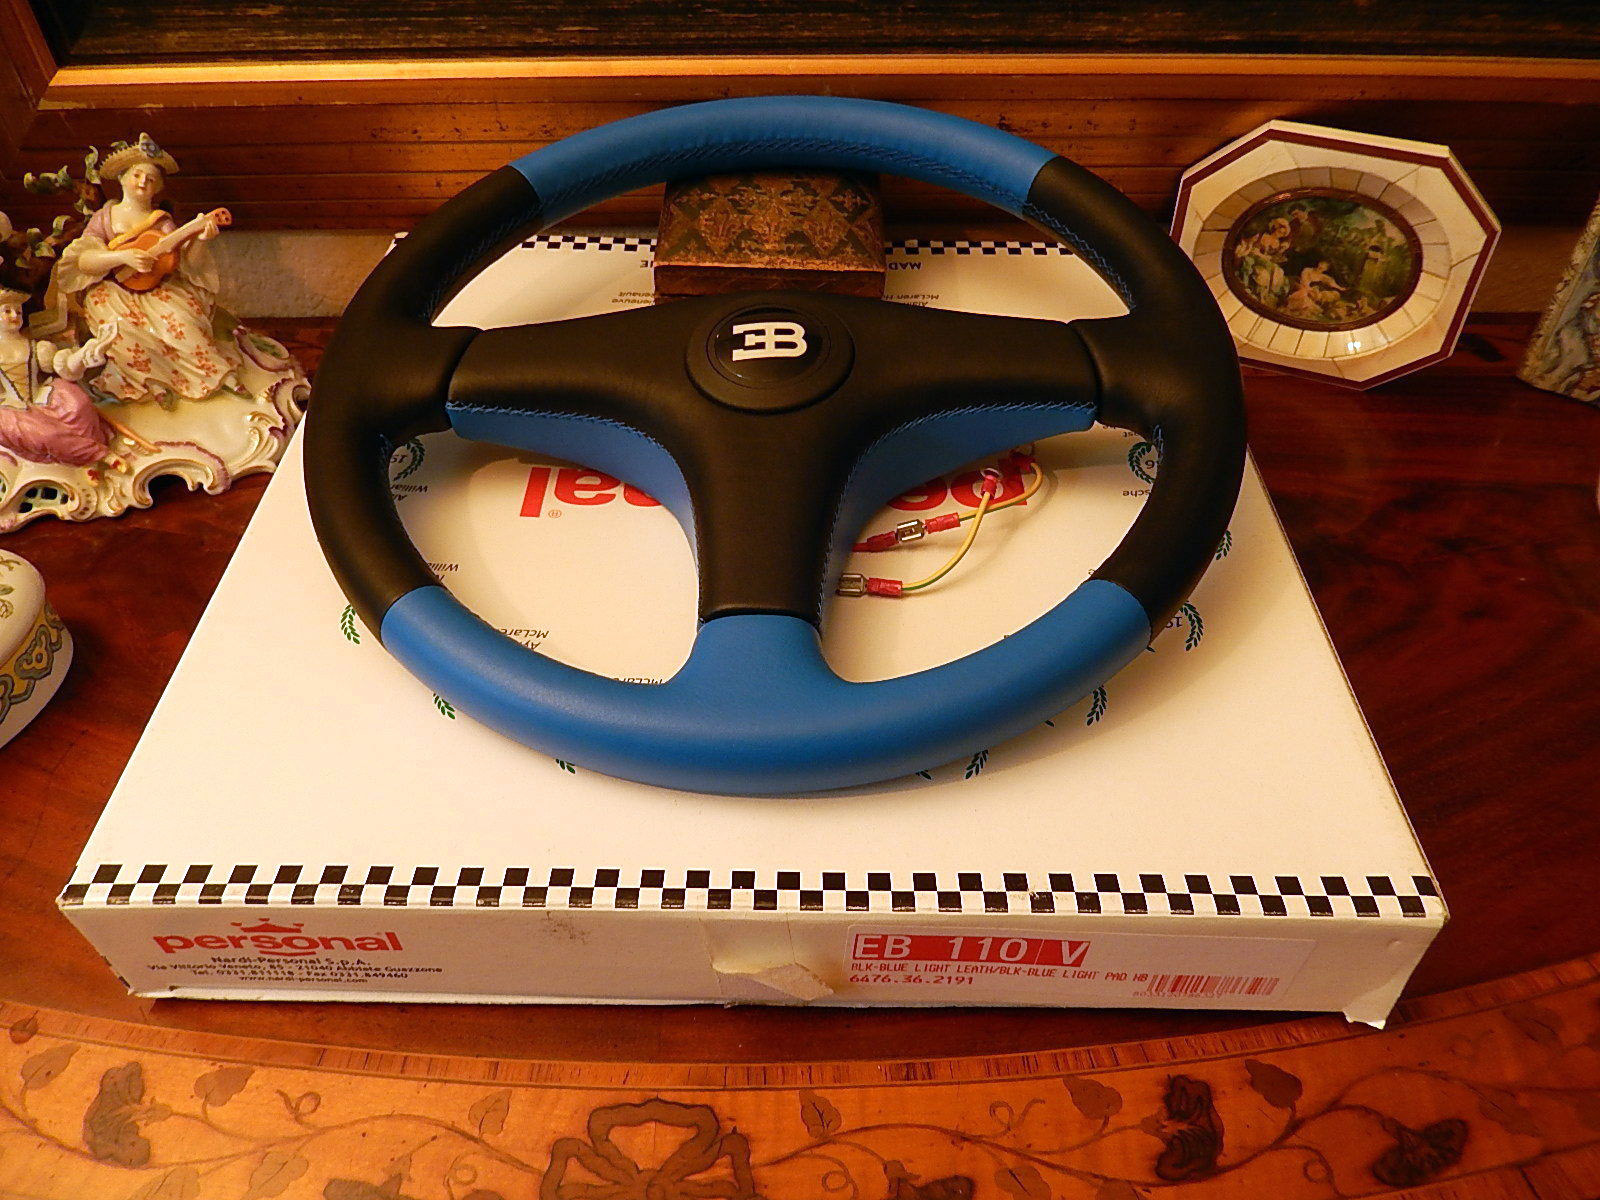 black and blue bugatti personal wheel